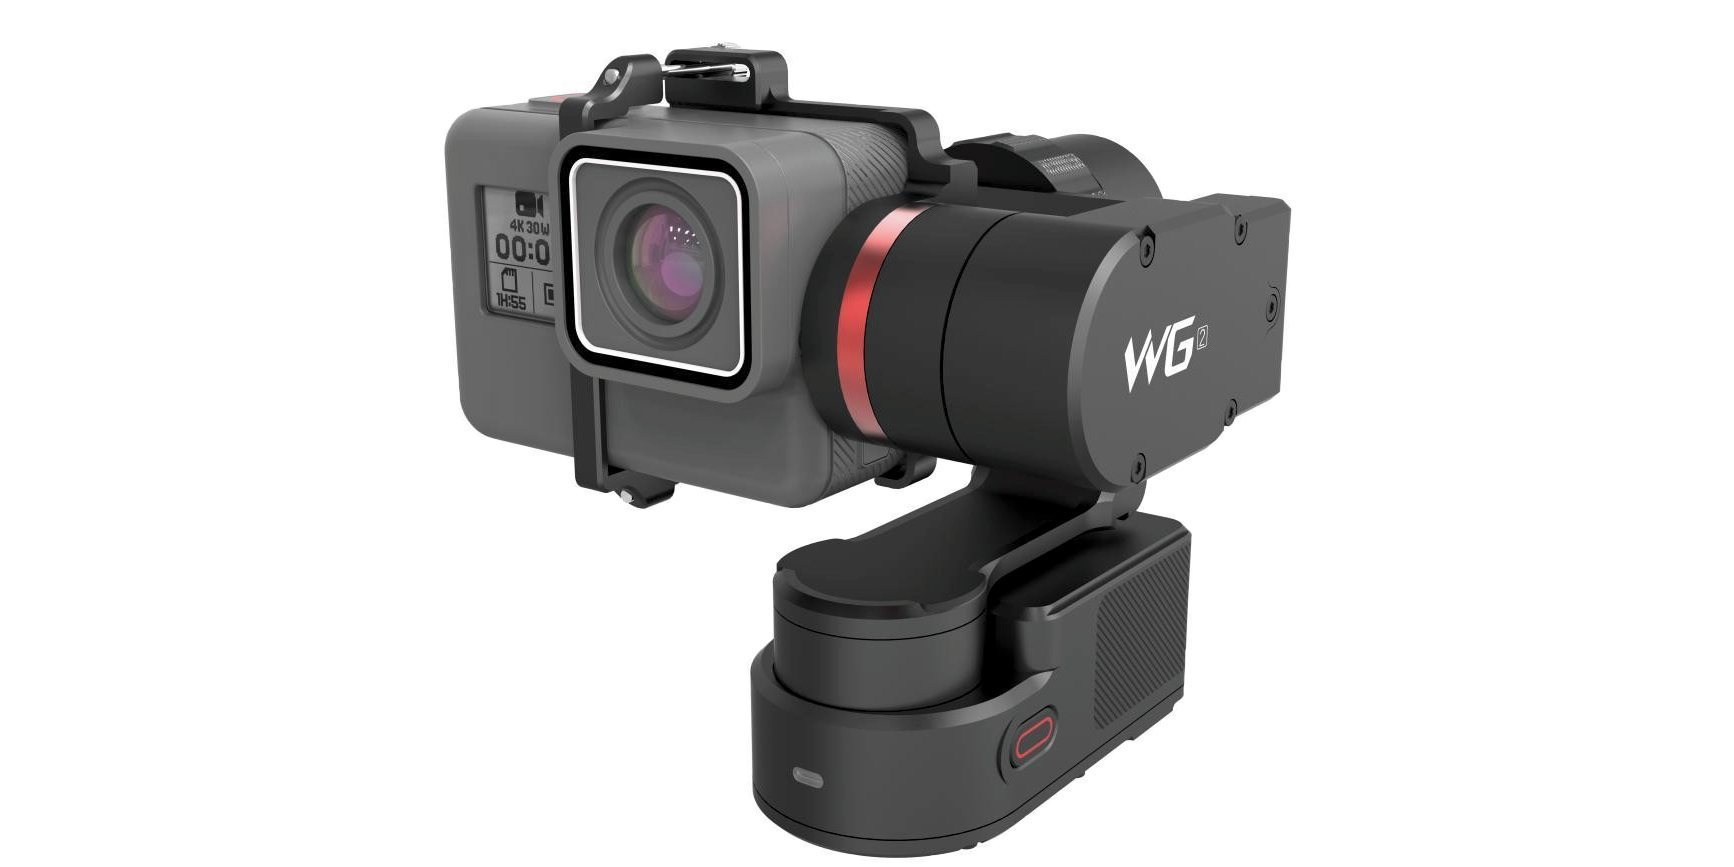 Стабилизатор трехосевой Feiyu FY-WG2 сбоку с камерой